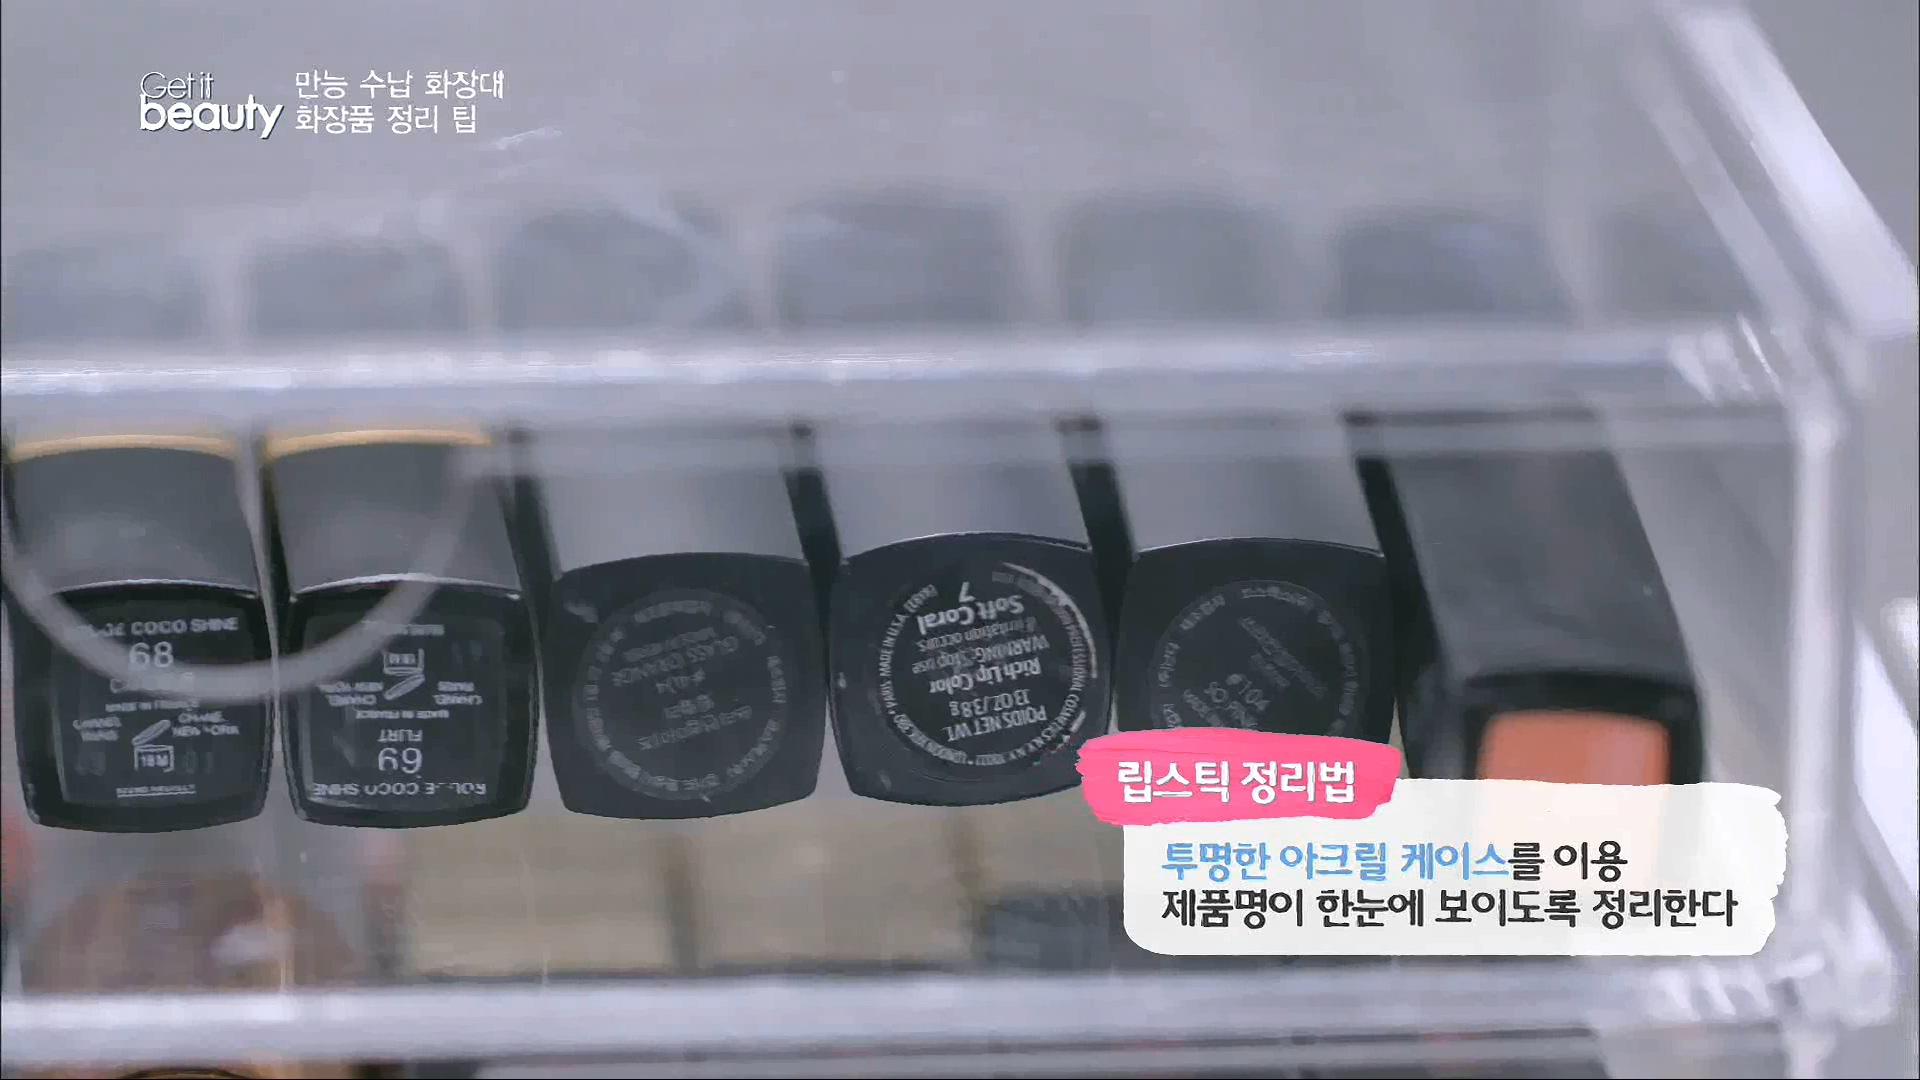 립스틱 정리법 투명한 아크릴 케이스를 이용해서 제품명이 한눈에 보이도록 정리해줍니다.